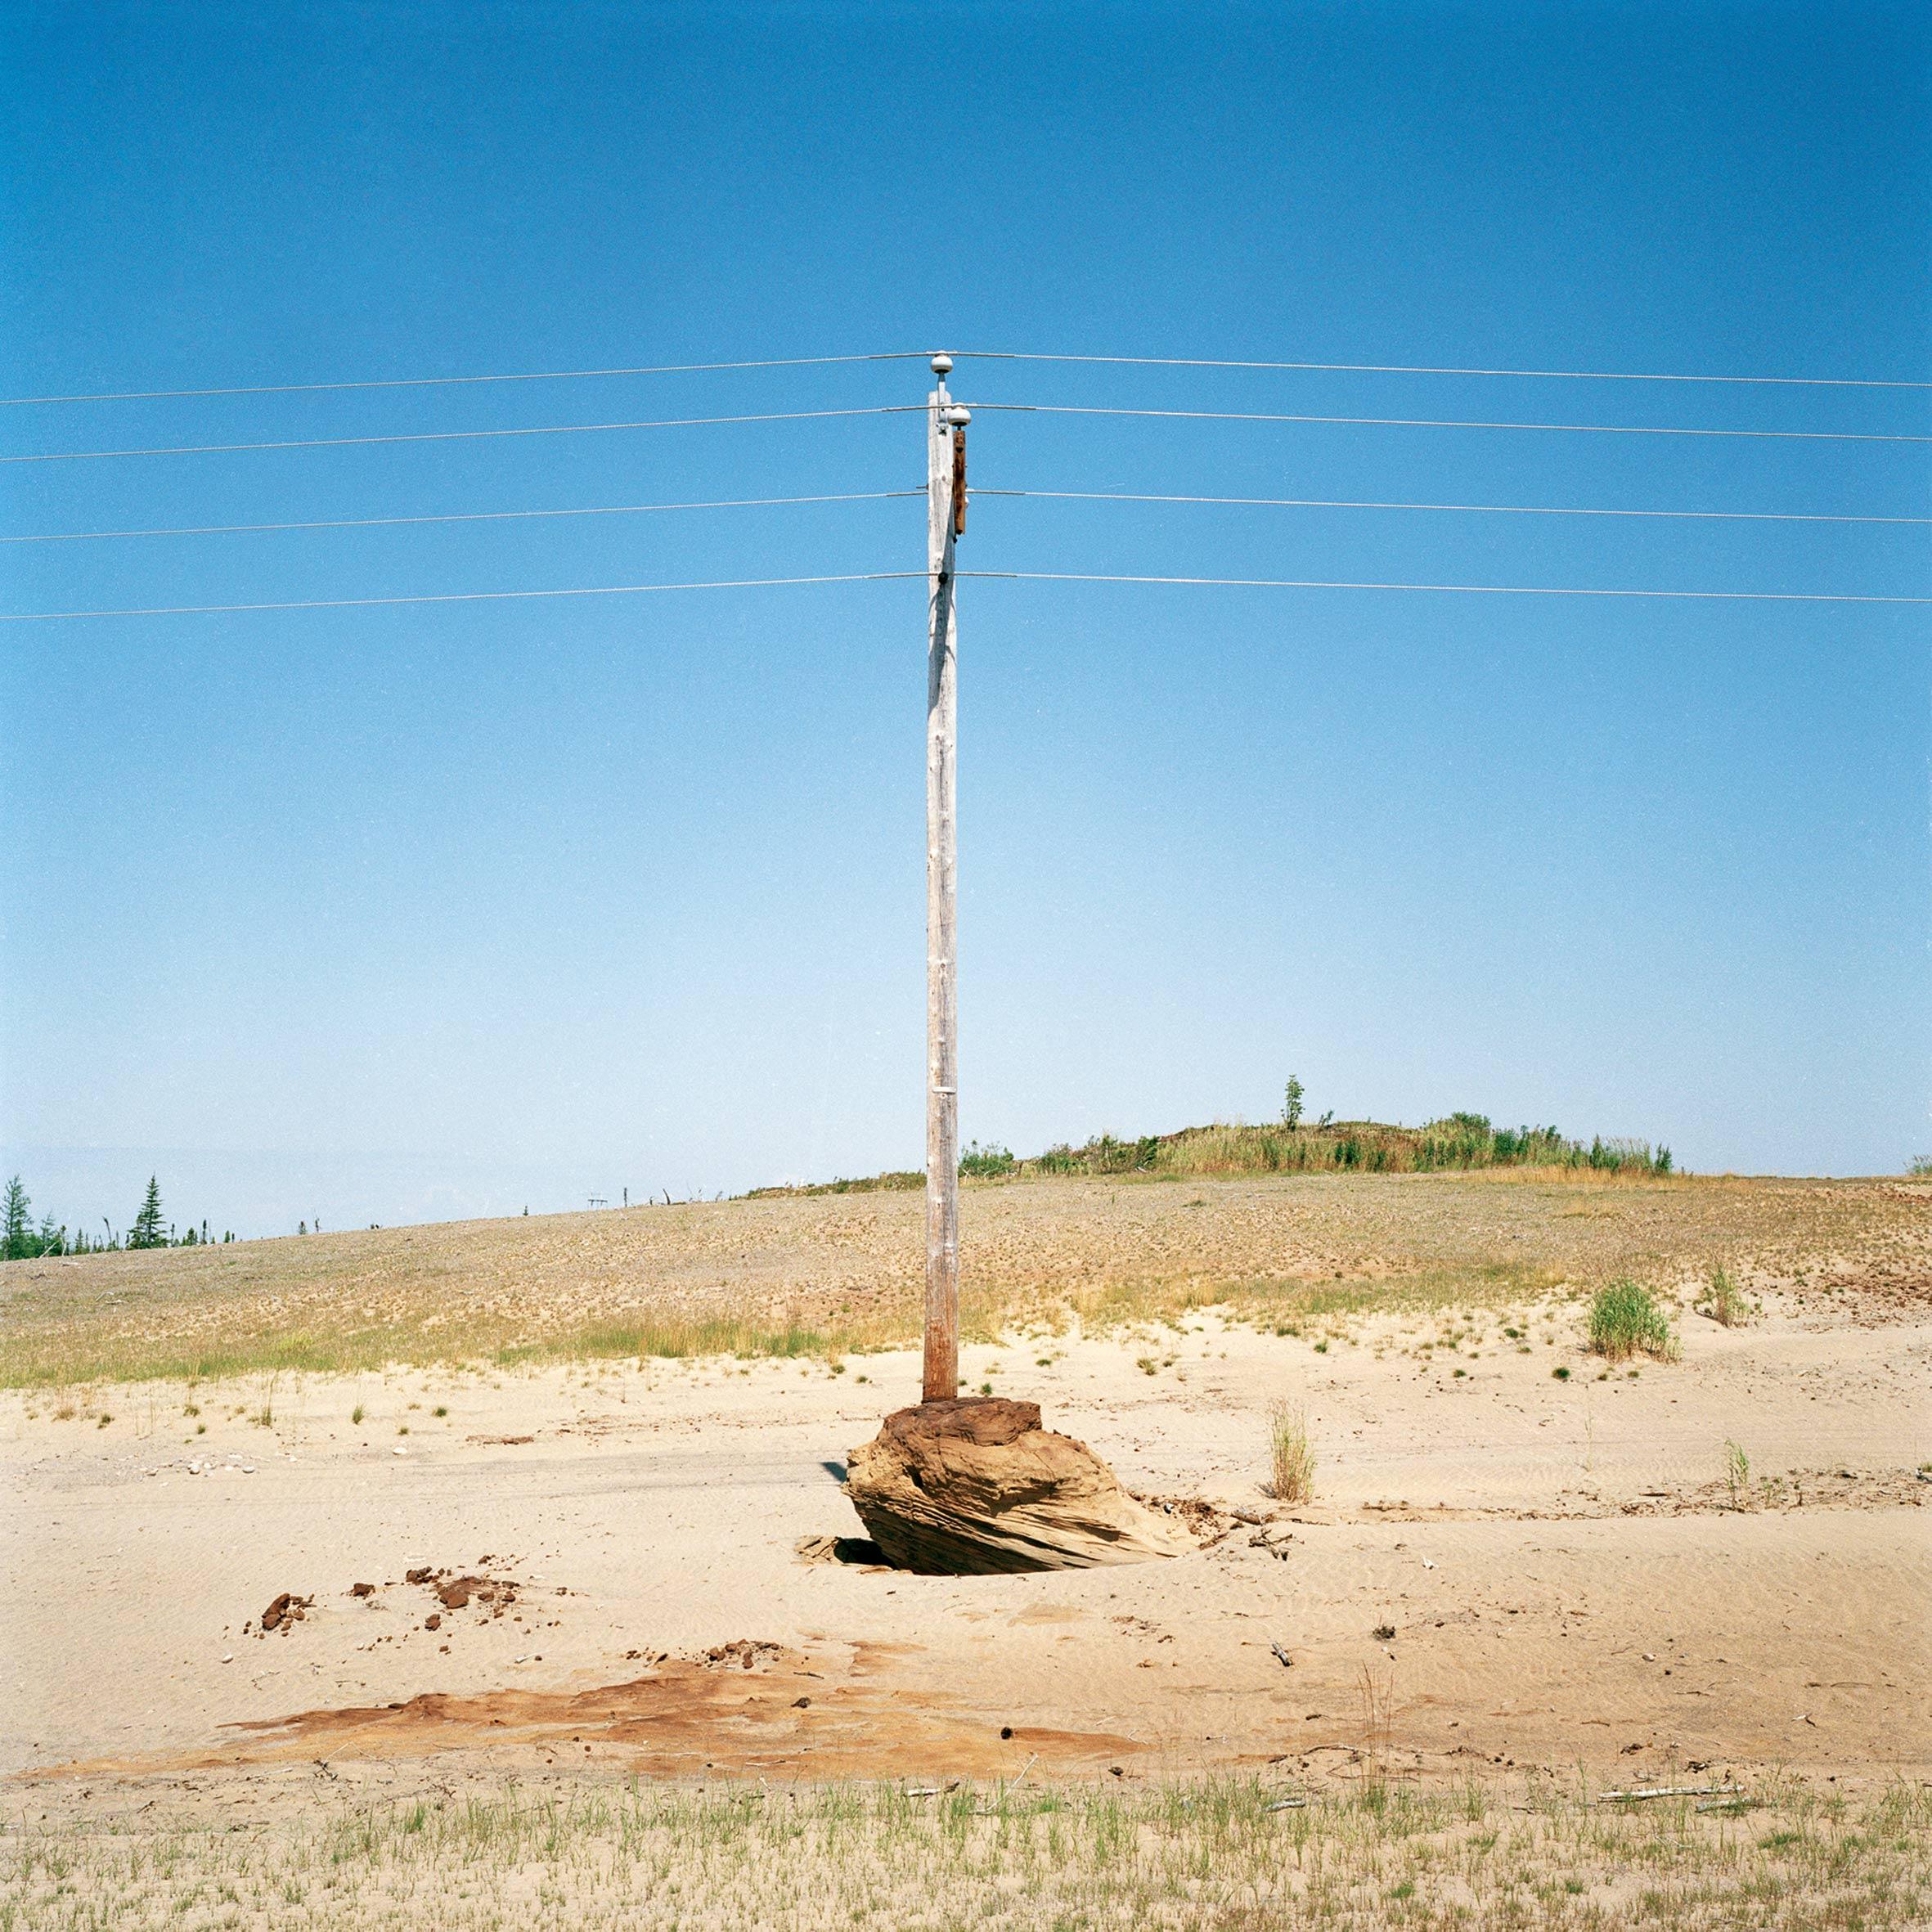 marcher créer, périple autobiographique, territoire du Labrador au Québec, marcher créer, périple autobiographique, territoire du Labrador au Québec, paysage, désert, paysage désertique, poteau électrique, ciel, paysage périurbain